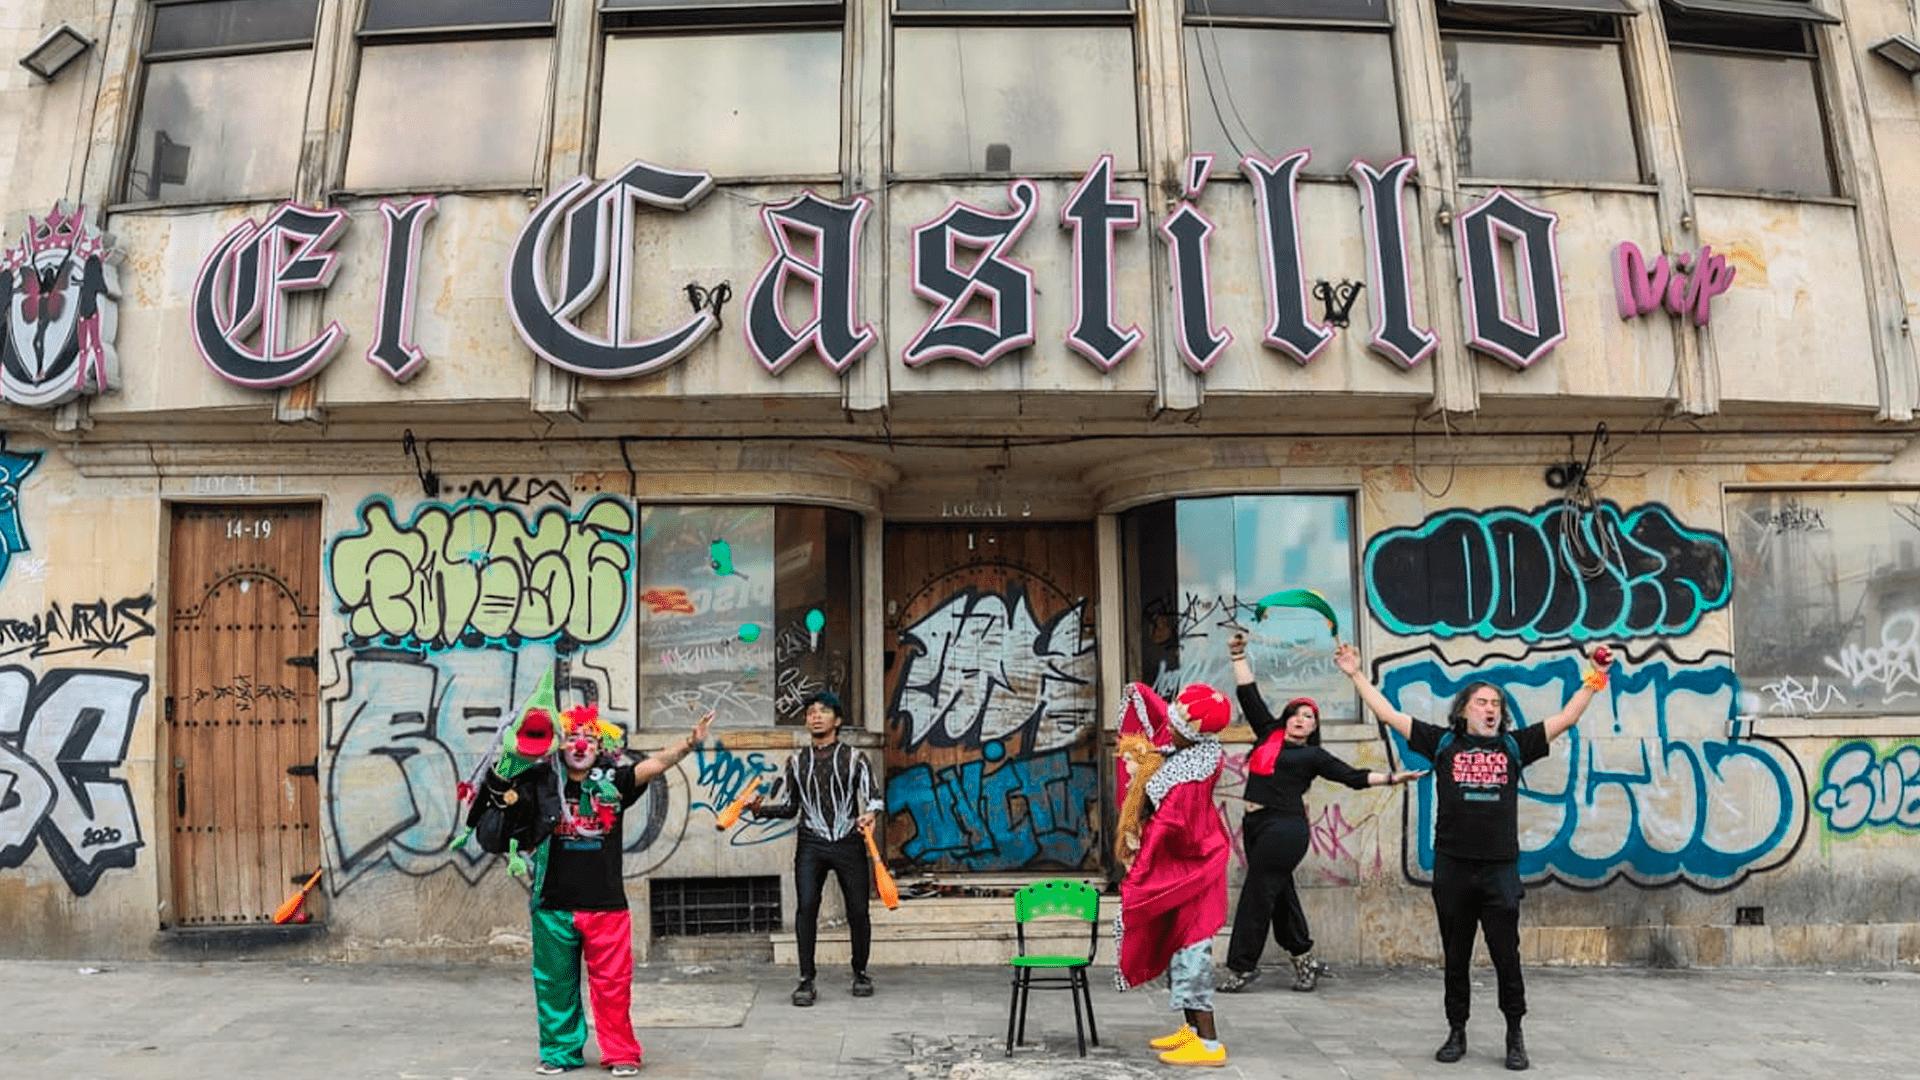 El Castillo de la prostitución ahora es El Castillo de las Artes